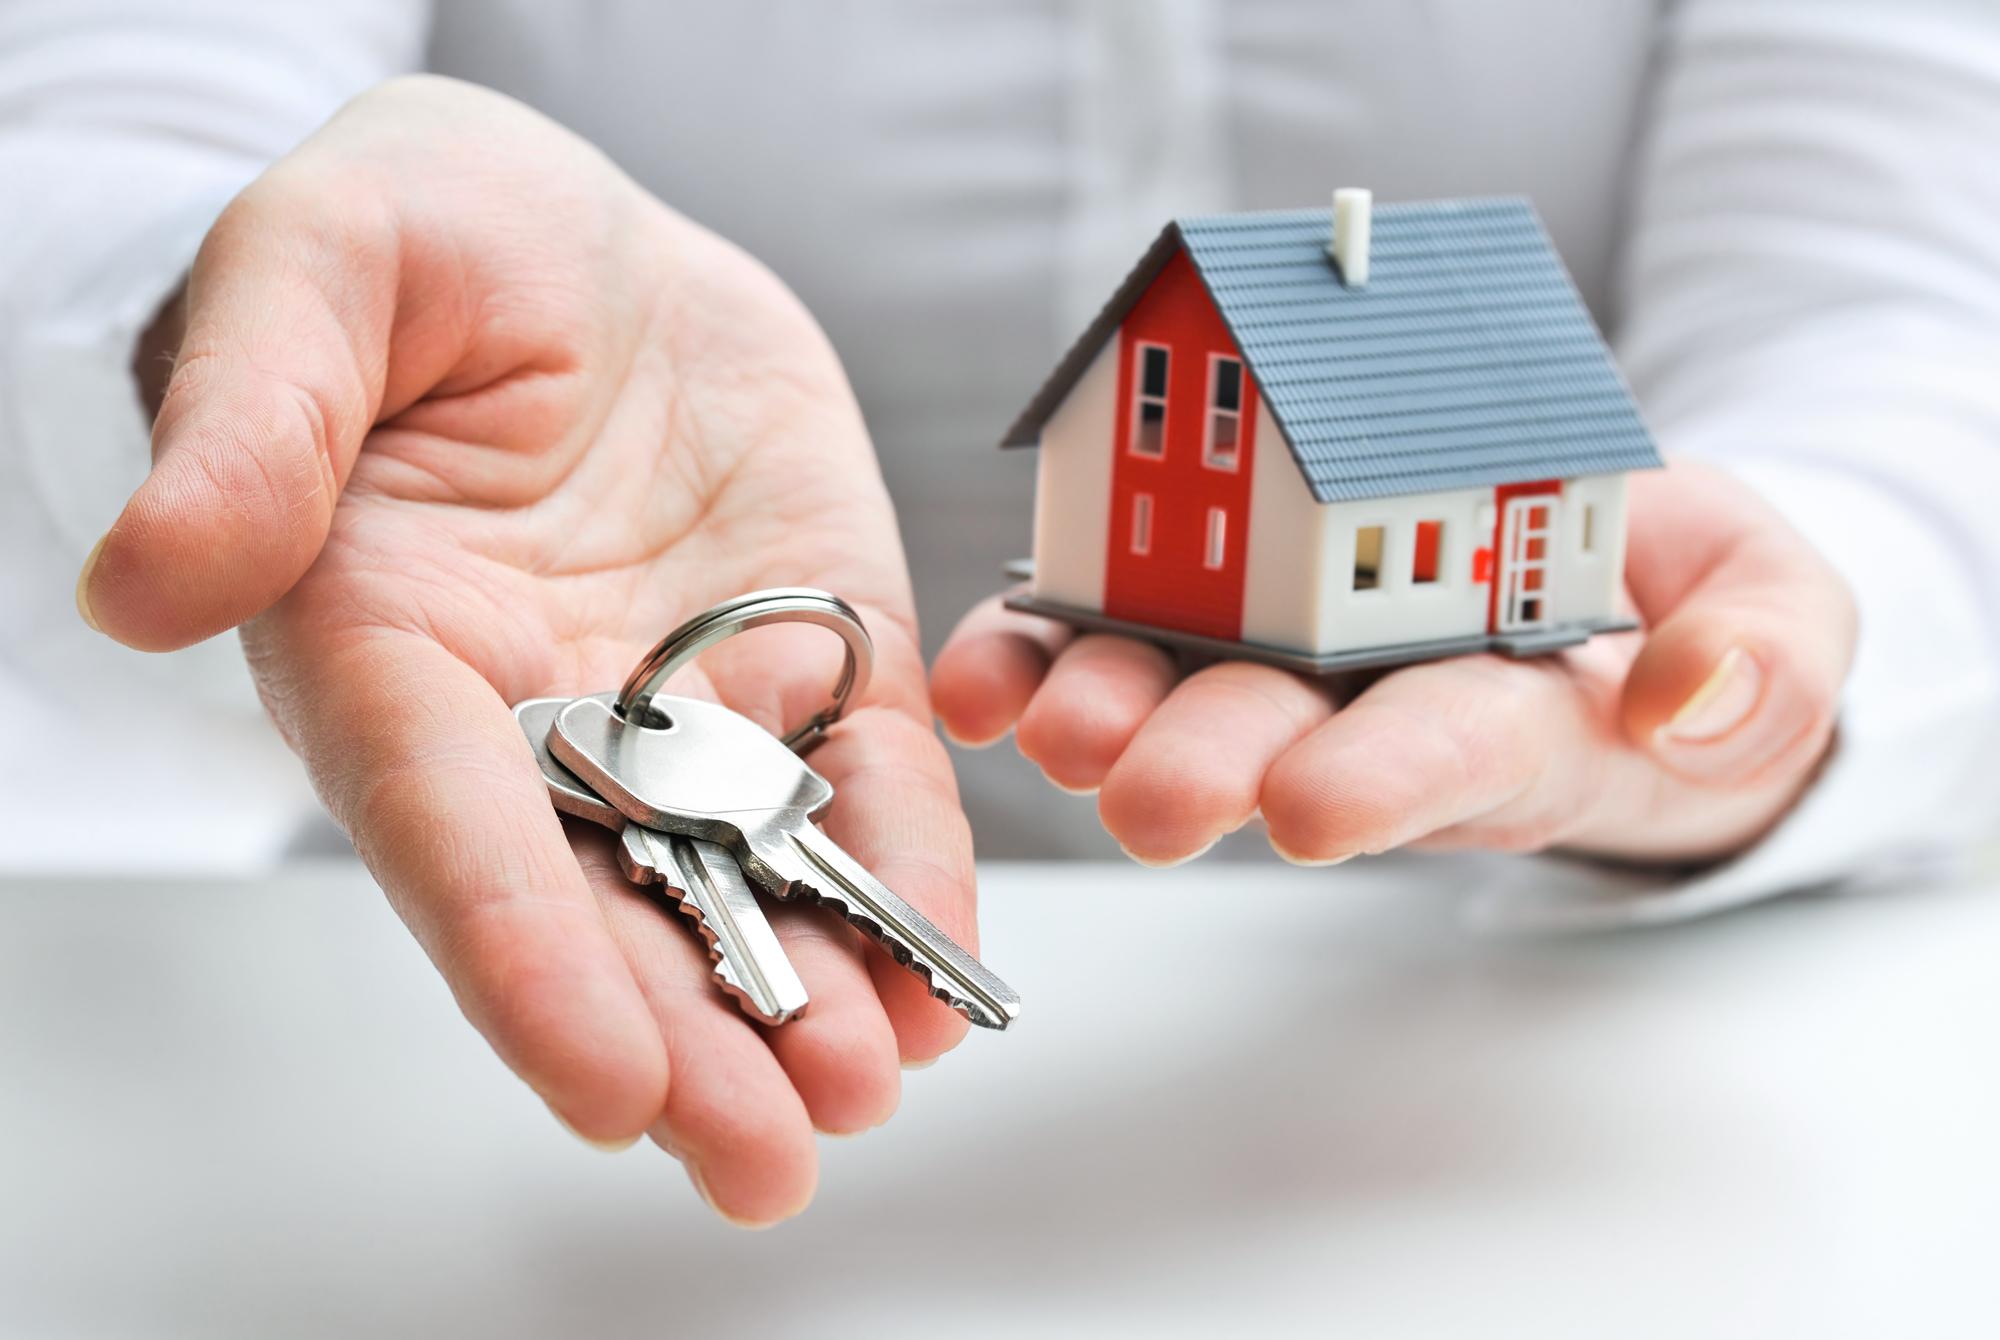 Новые законы на рынке недвижимости